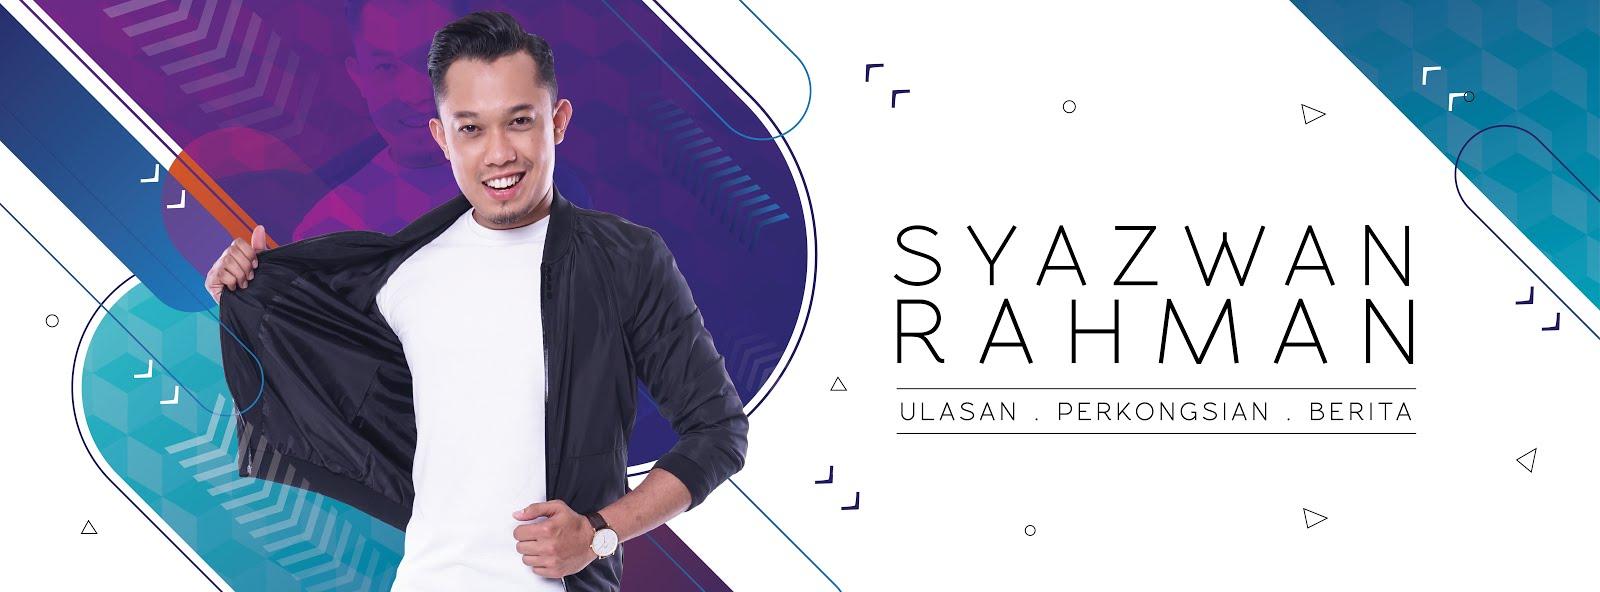 Syazwan Rahman